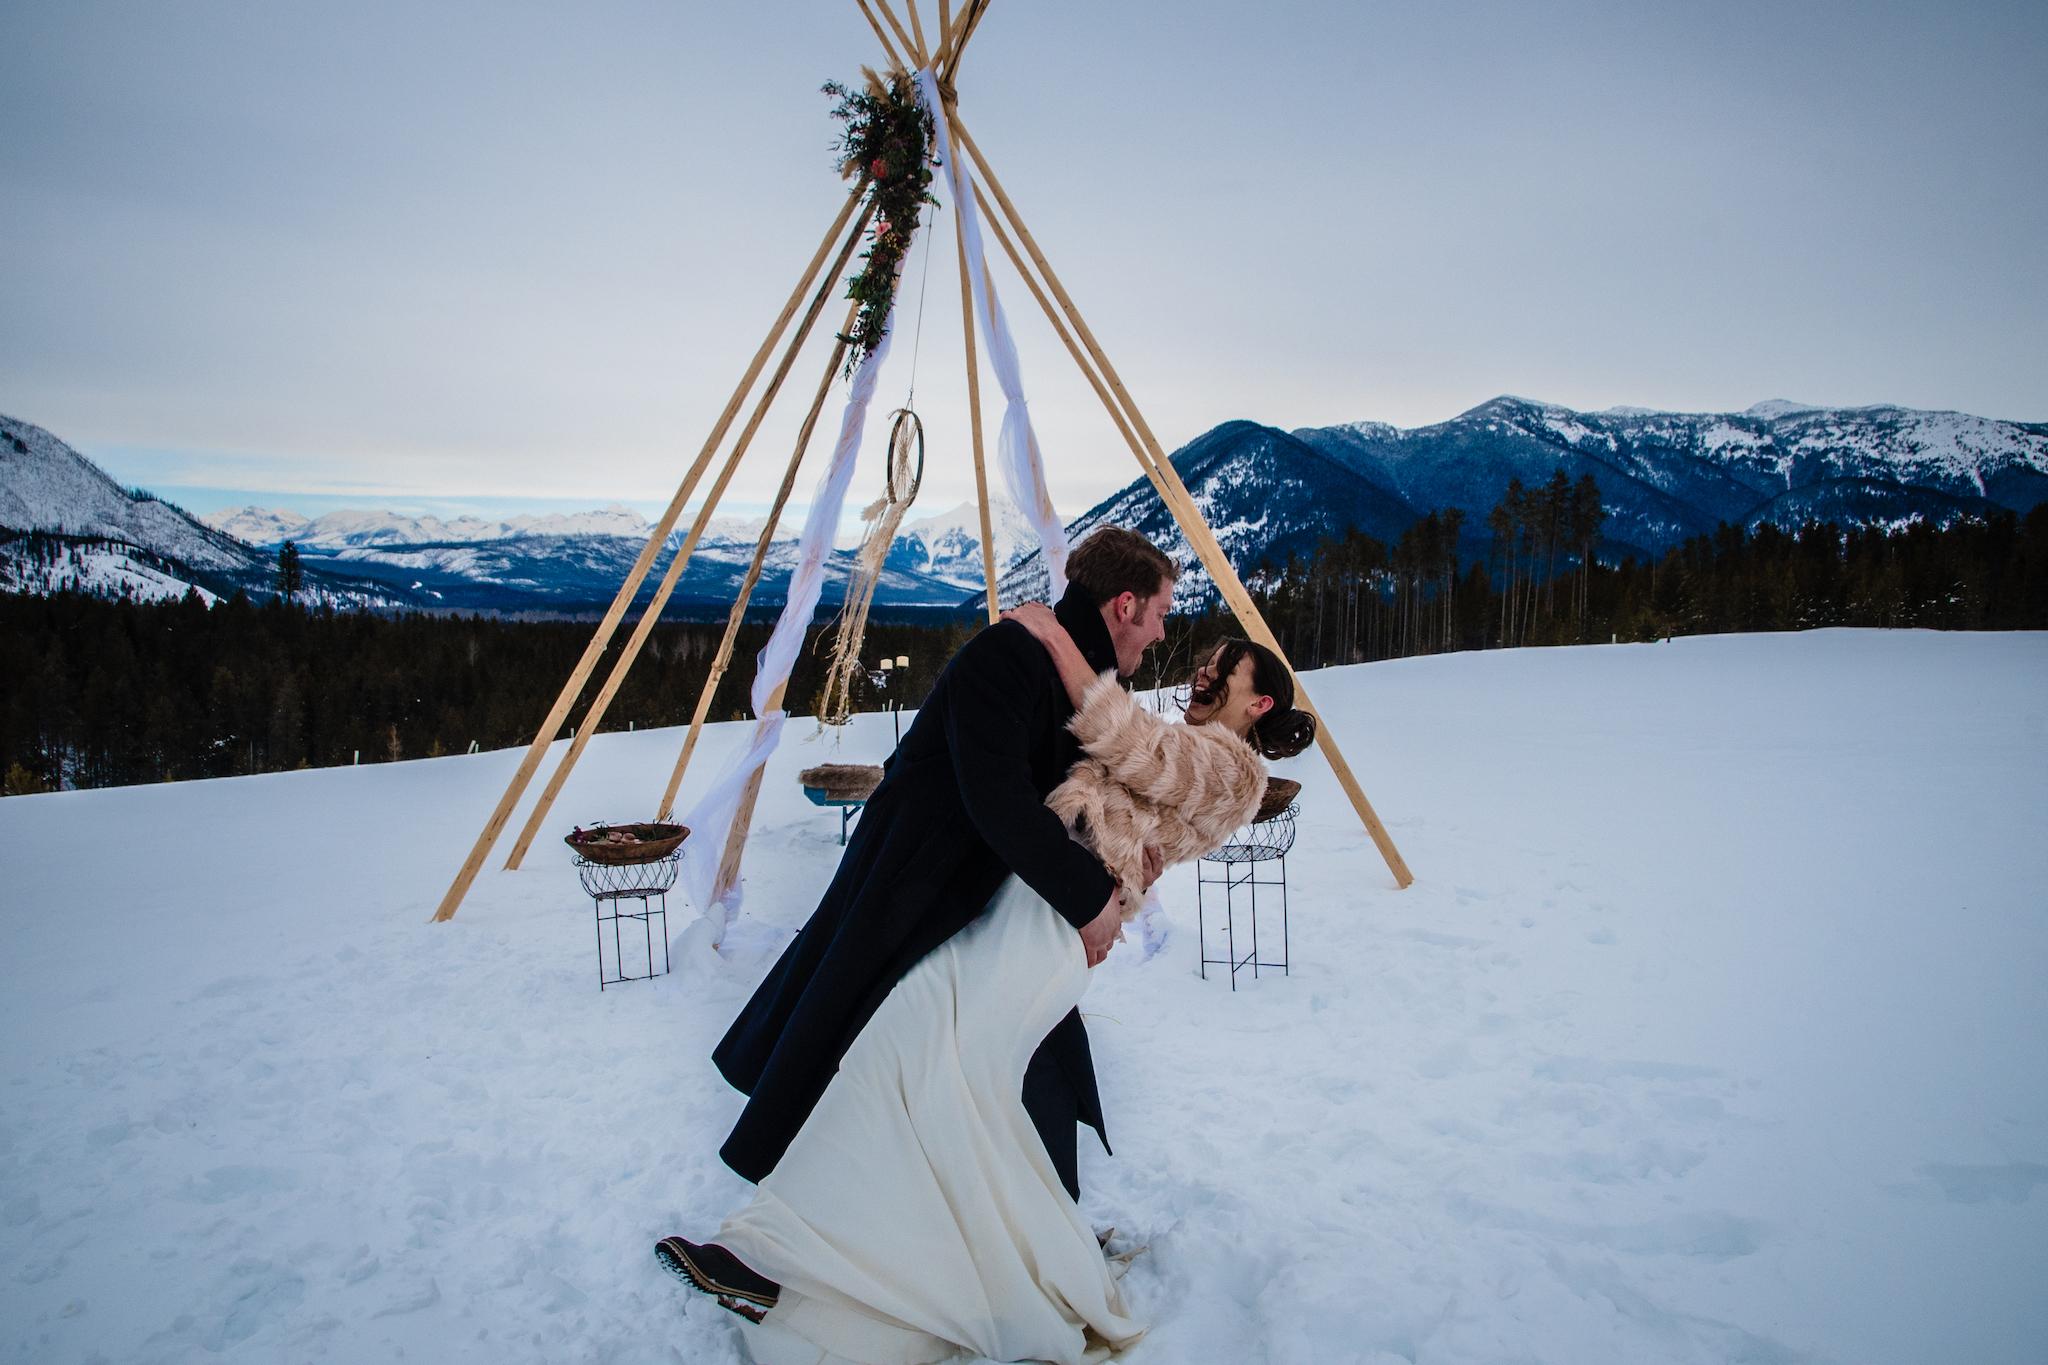 GoingtotheSunChalets_Weddings_LindseyJanePhotography4.jpg